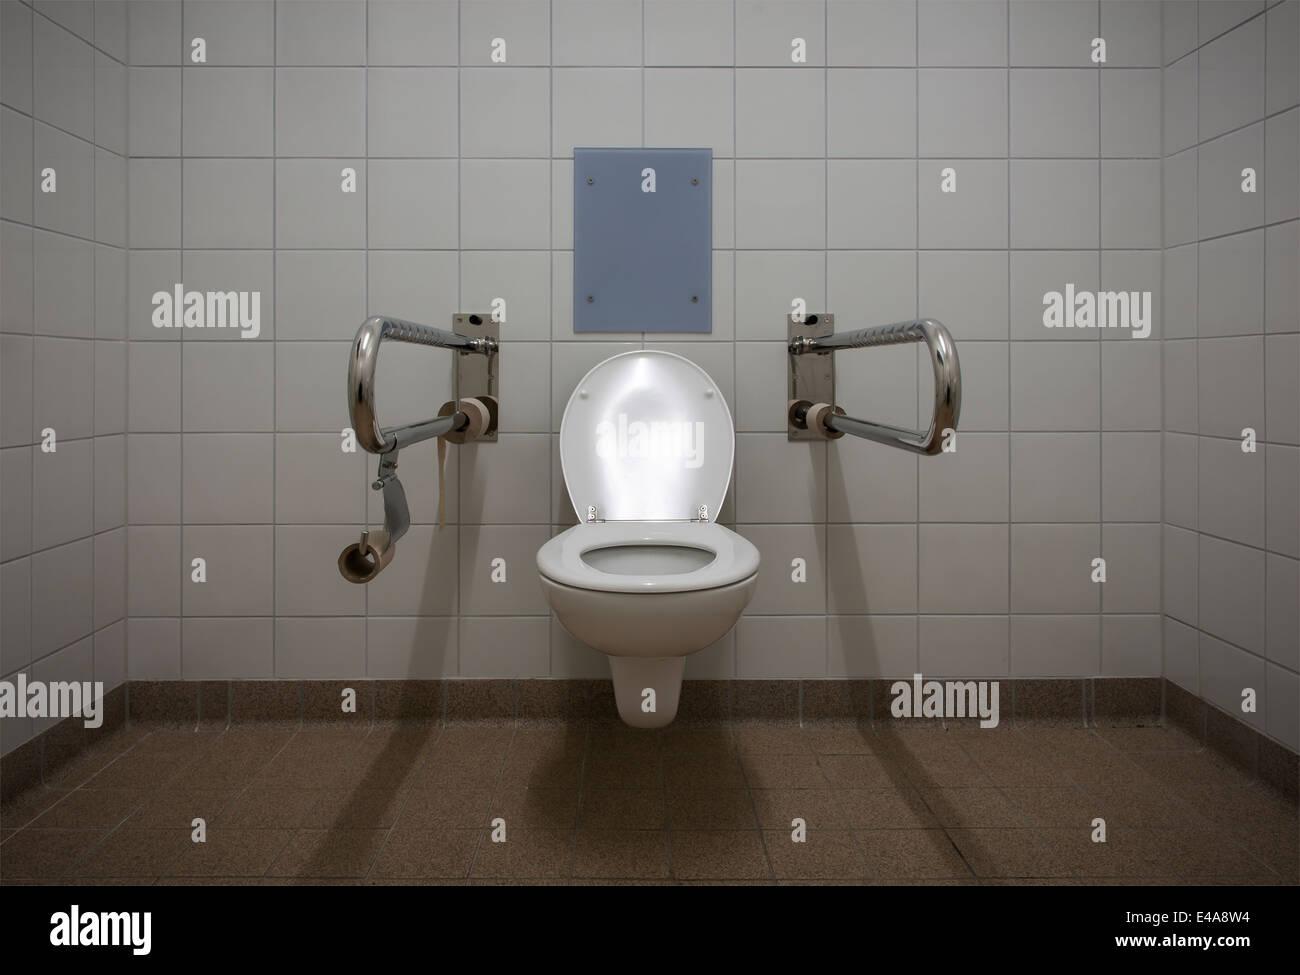 deutschland ffentliche toilette f r behinderte stockfoto bild 71526592 alamy. Black Bedroom Furniture Sets. Home Design Ideas